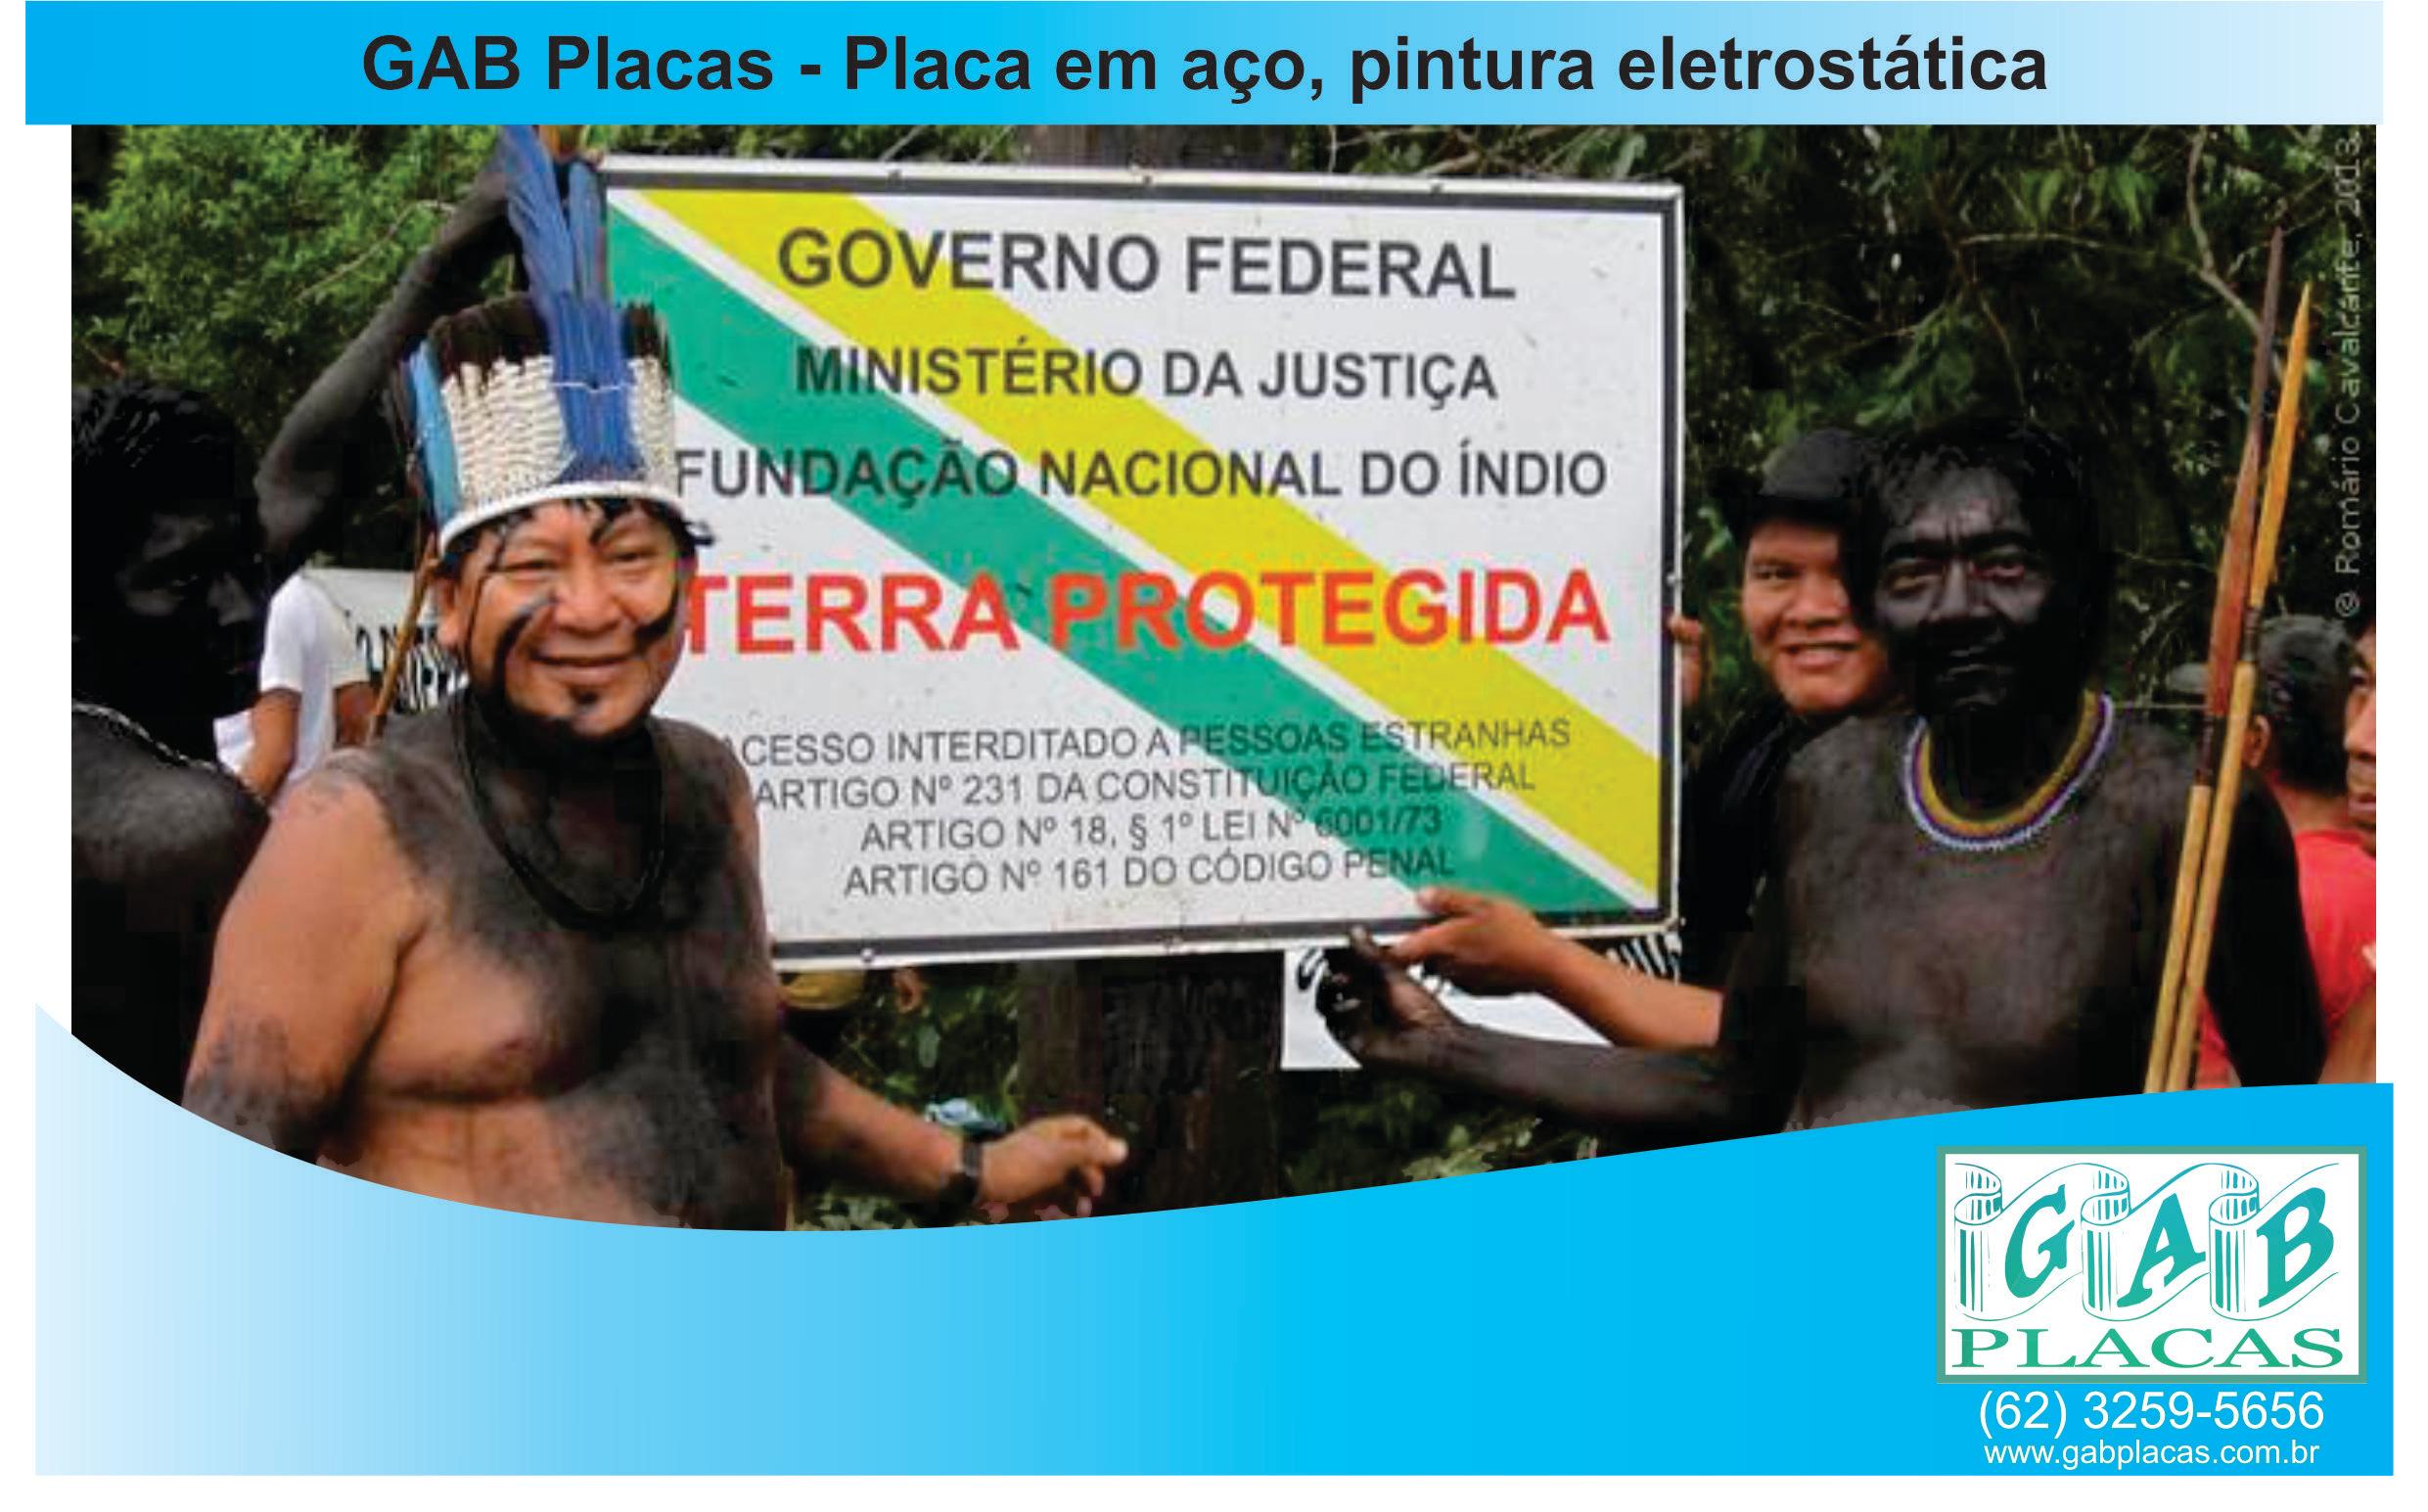 GAB_Placas_Goiânia_GO_-_Placa_em_aço,_pintura_eletrostática